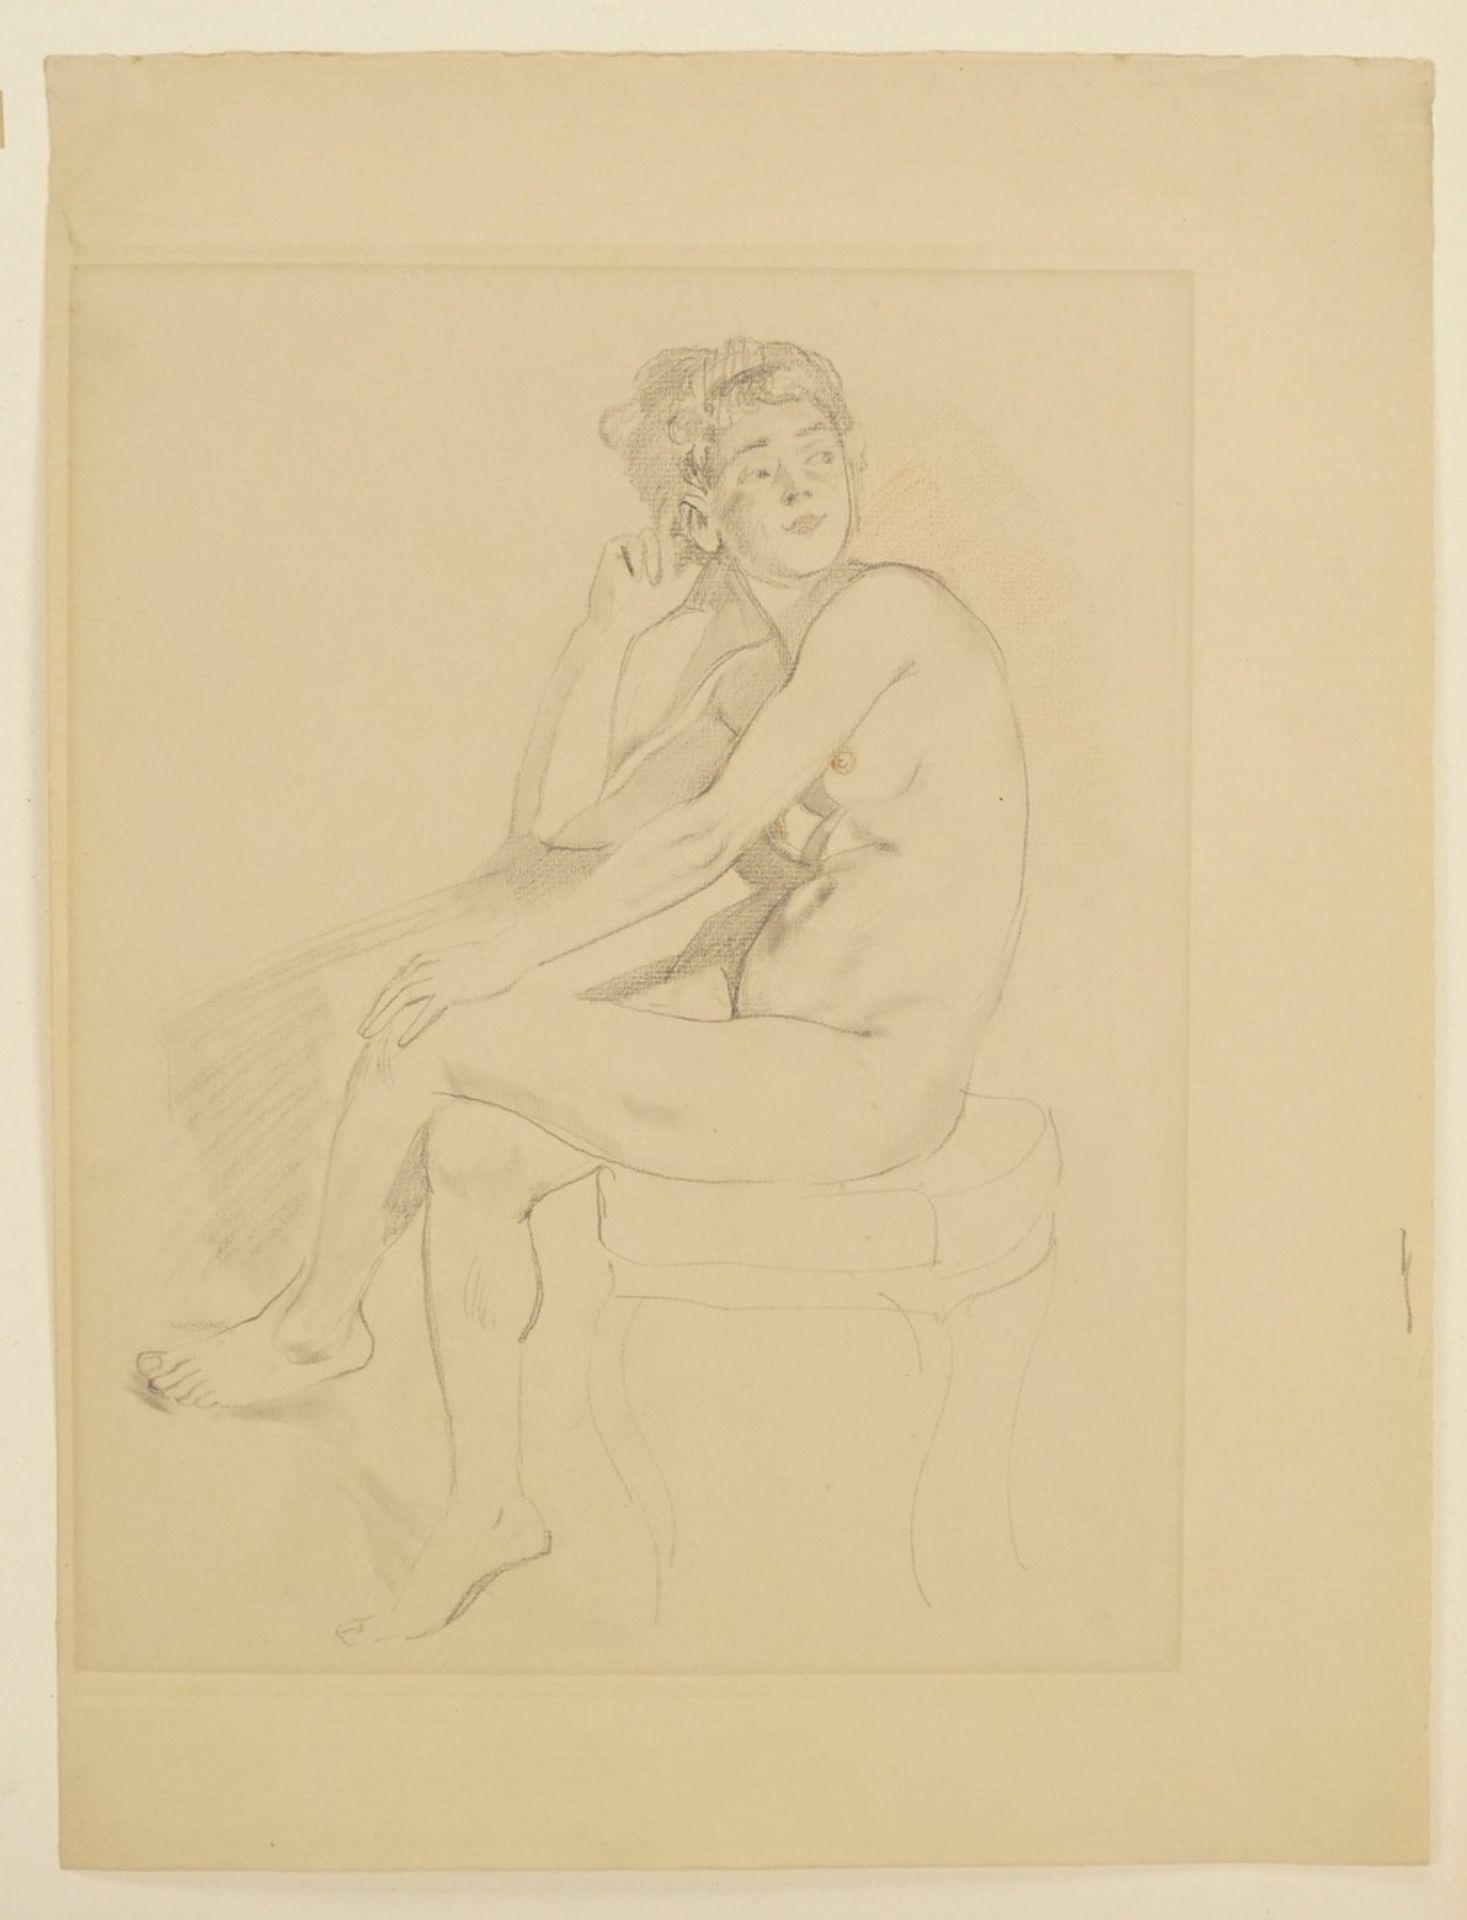 Alexander Frenz, Sitzender weiblicher Akt, die Beine übereinander geschlagen - Bild 3 aus 3